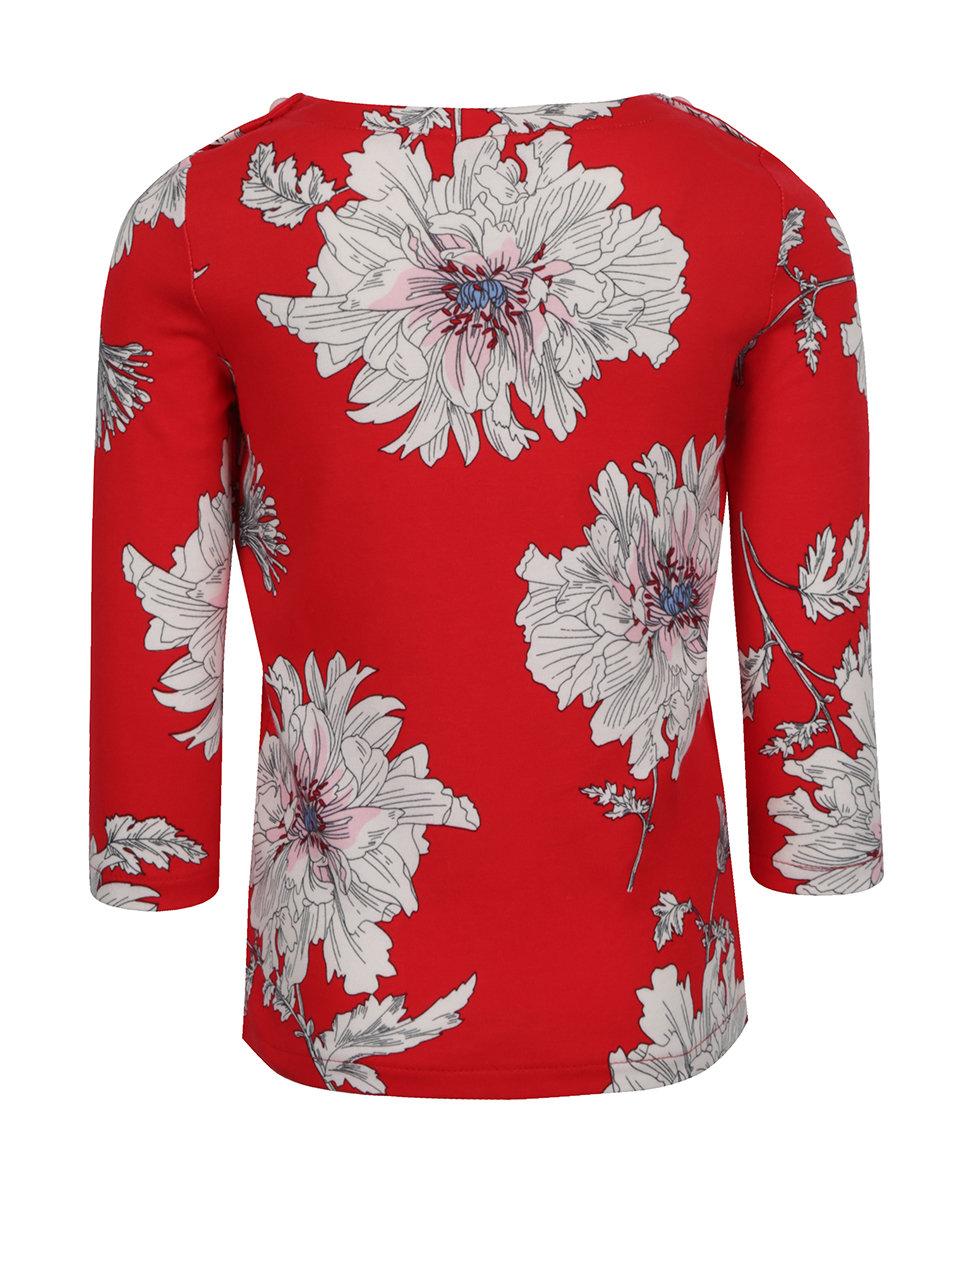 aeefe1c21de2 Červené kvetované dievčenské tričko s dlhým rukávom Tom Joule ...